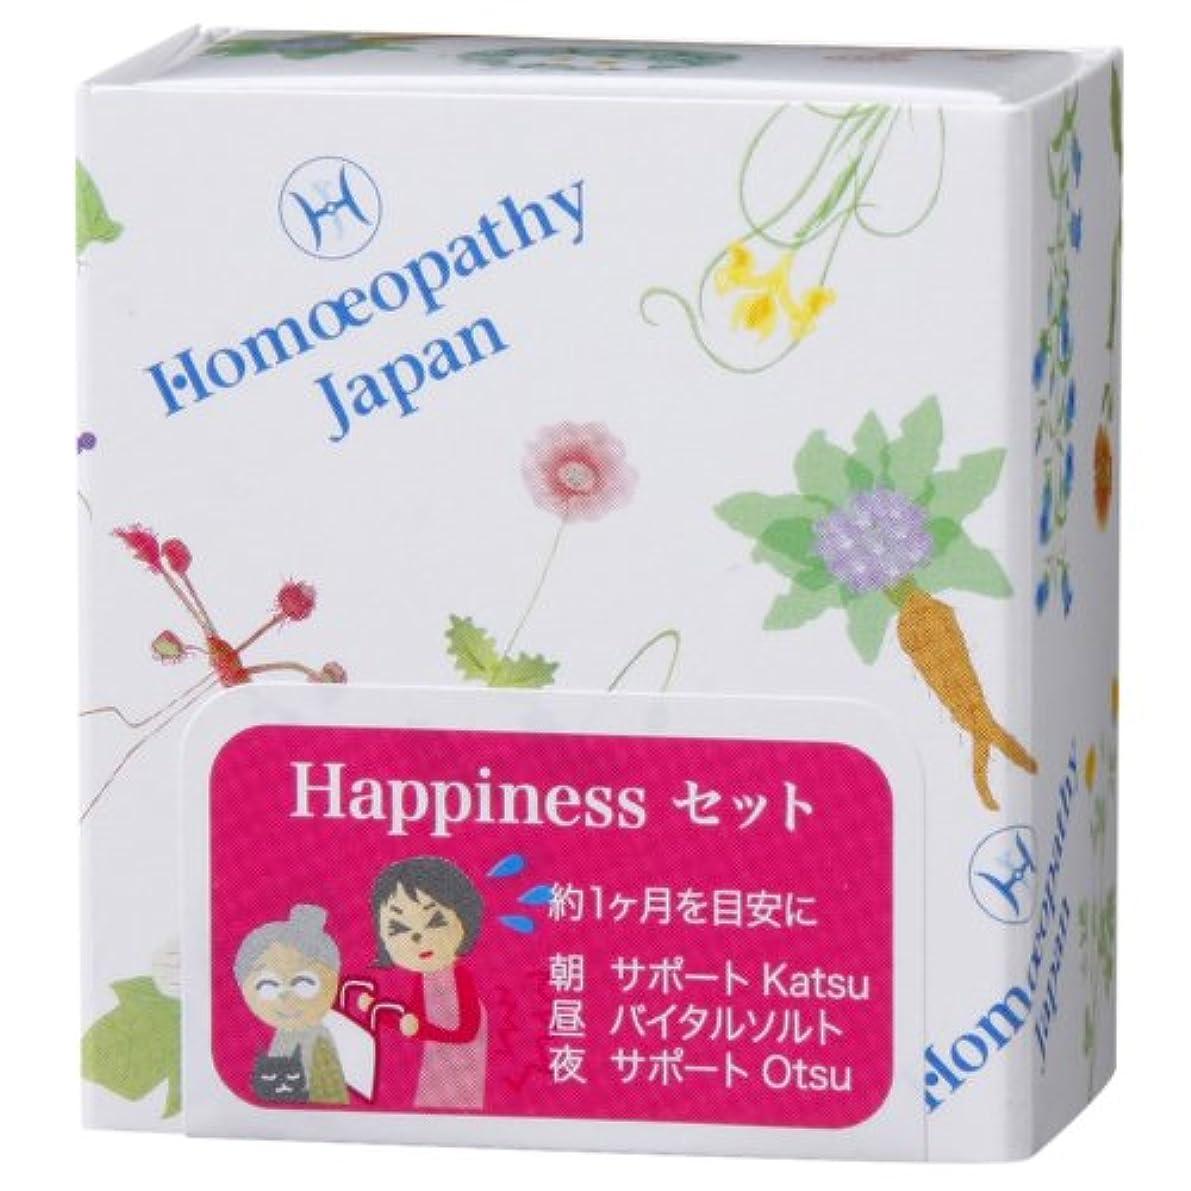 ながらデコラティブ抹消ホメオパシージャパンレメディー Happinessセット